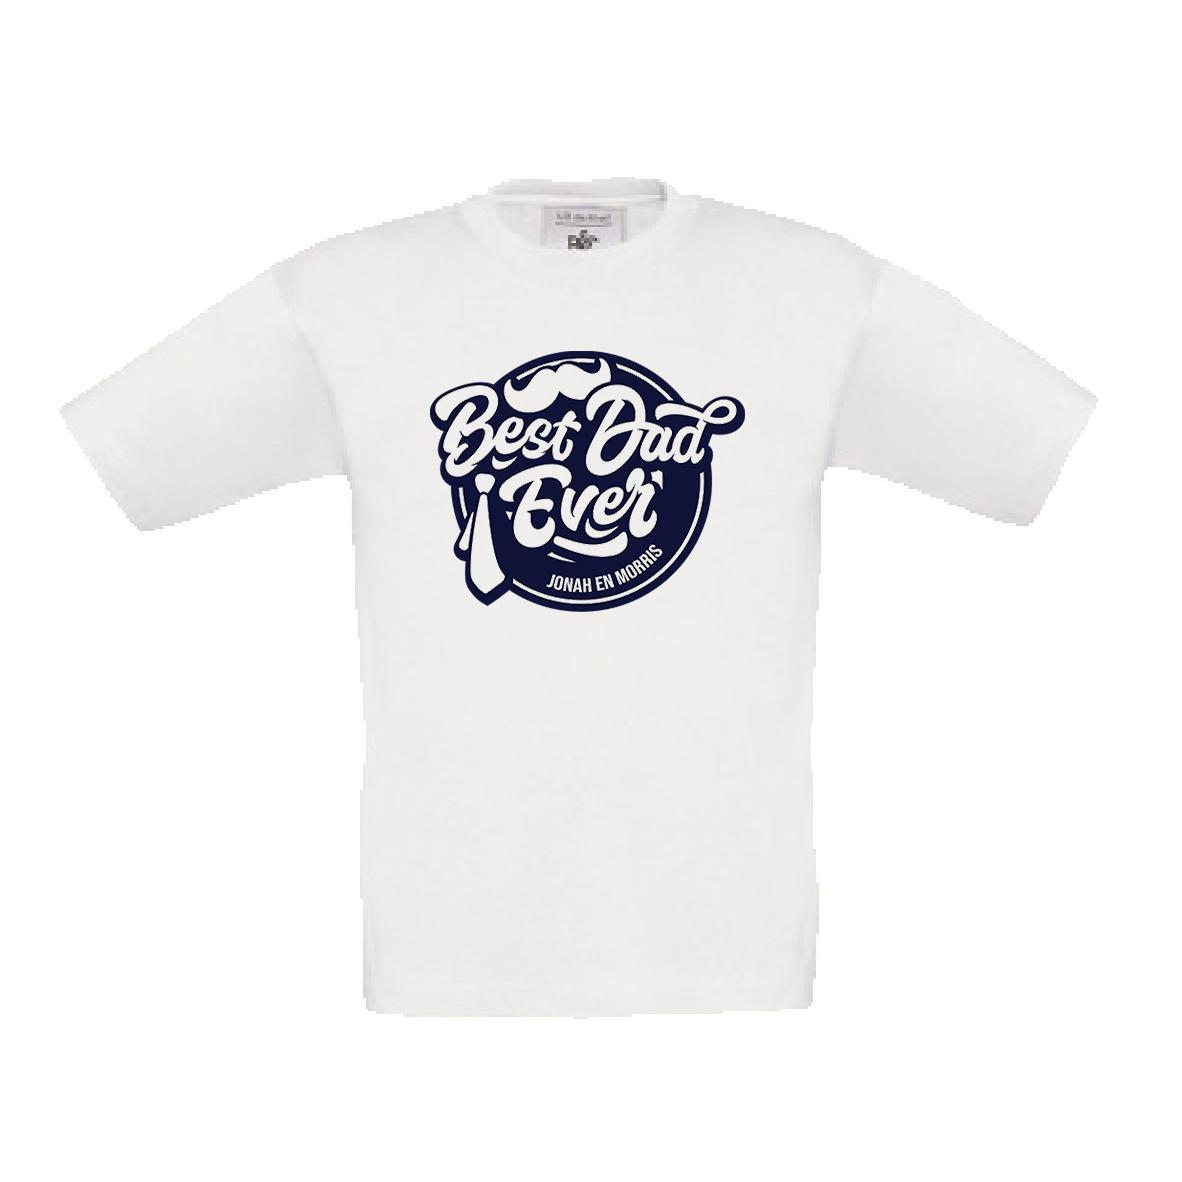 Best dad ever t-shirt met naam